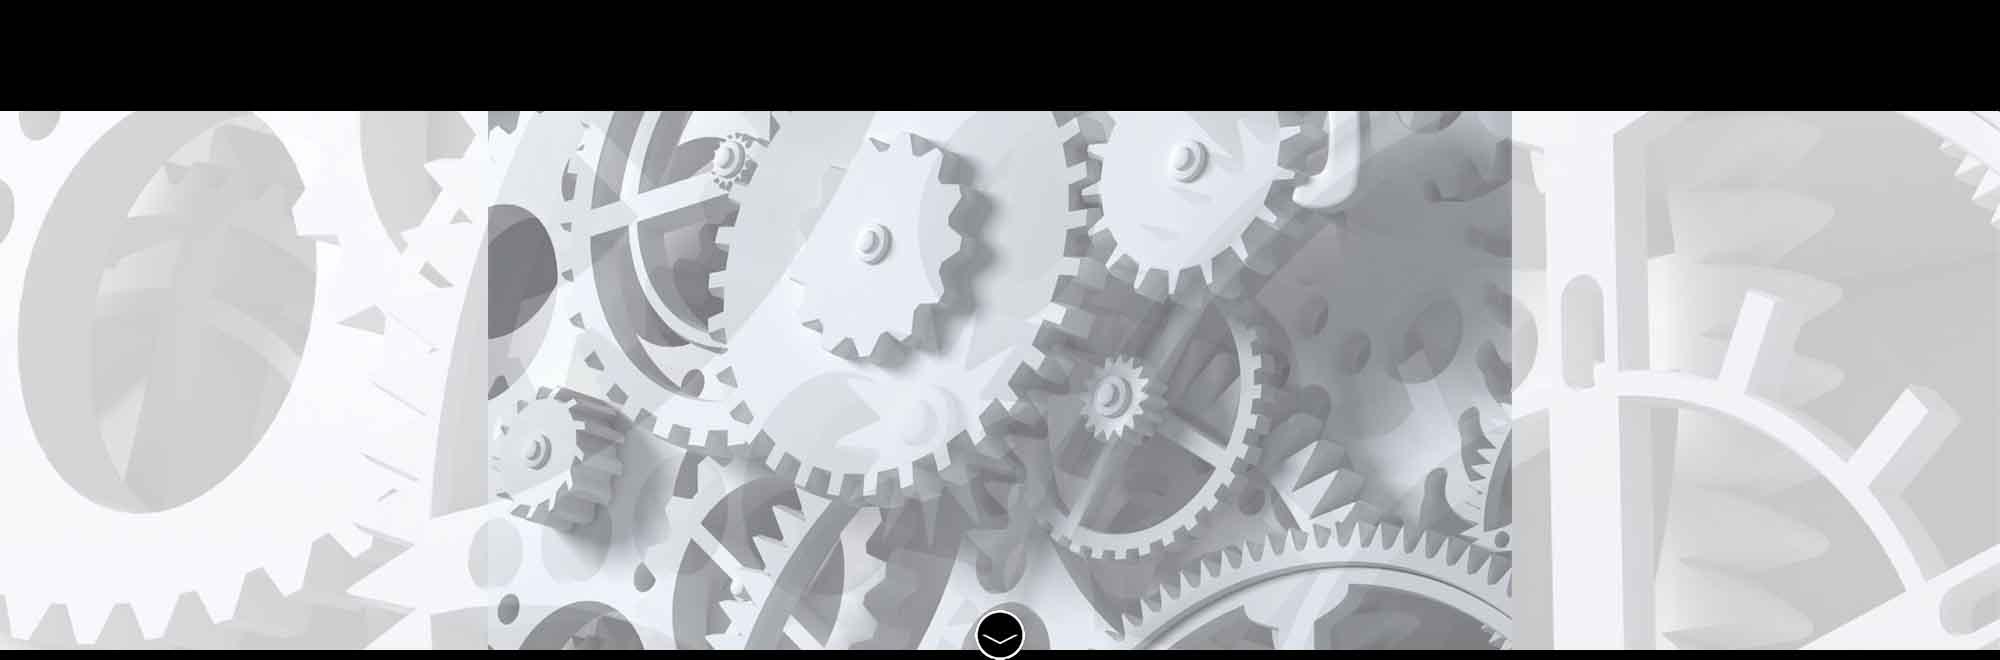 PWD Gear 650 Background | Prospectus Web Development